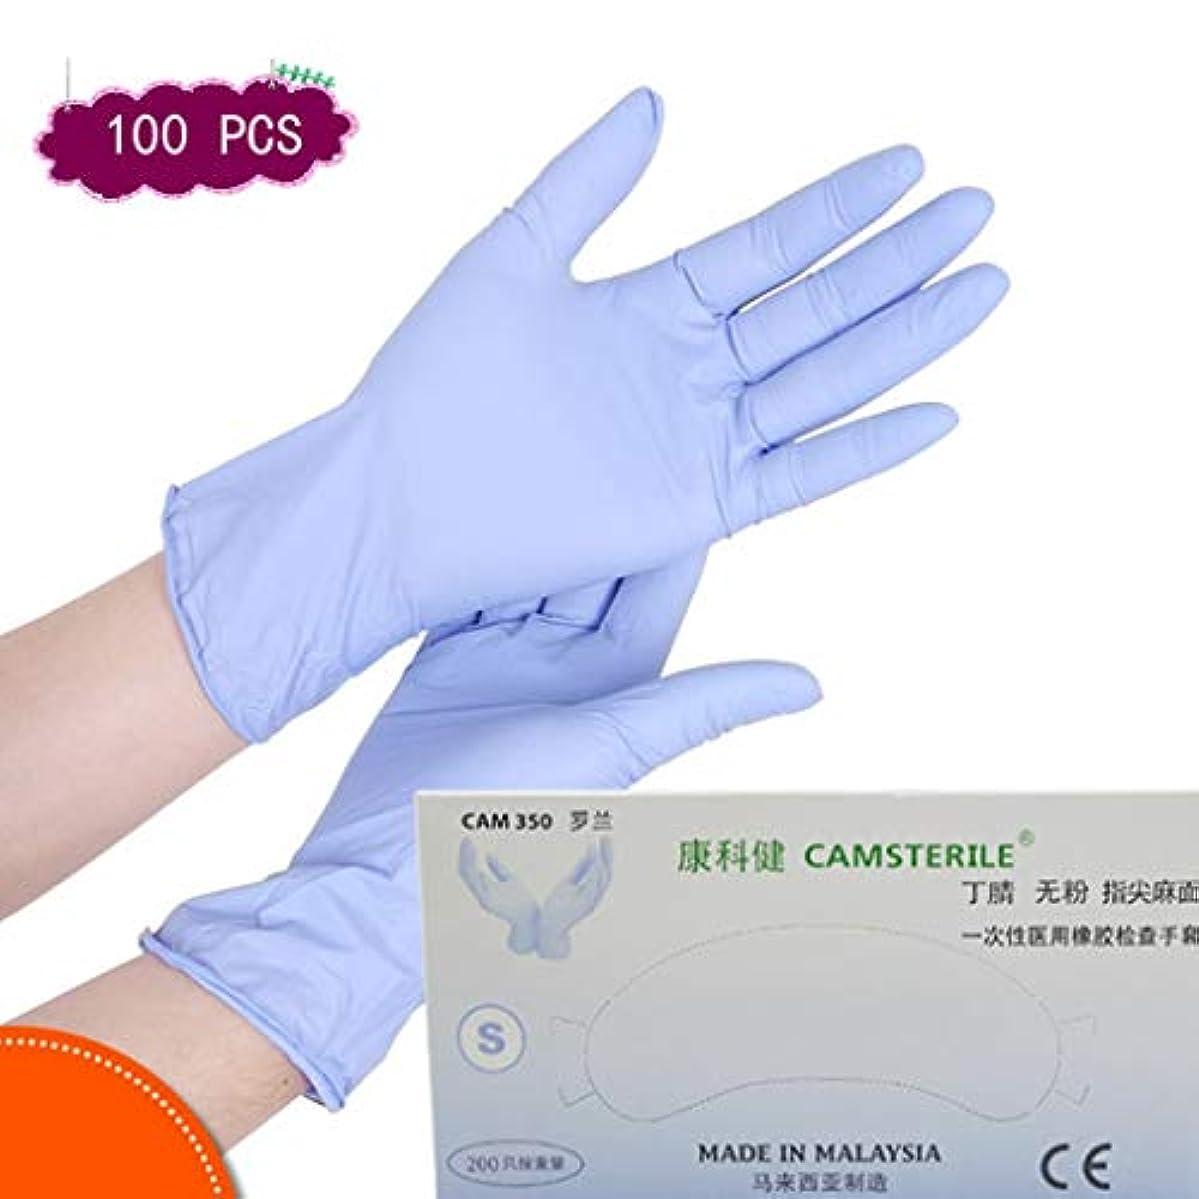 憤るタイマーさまよう使い捨てラテックス手袋ニトリル工業実験の美しさのネイルサロンのヘア検査9インチアンチ油 (Color : 9 inch, Size : L)